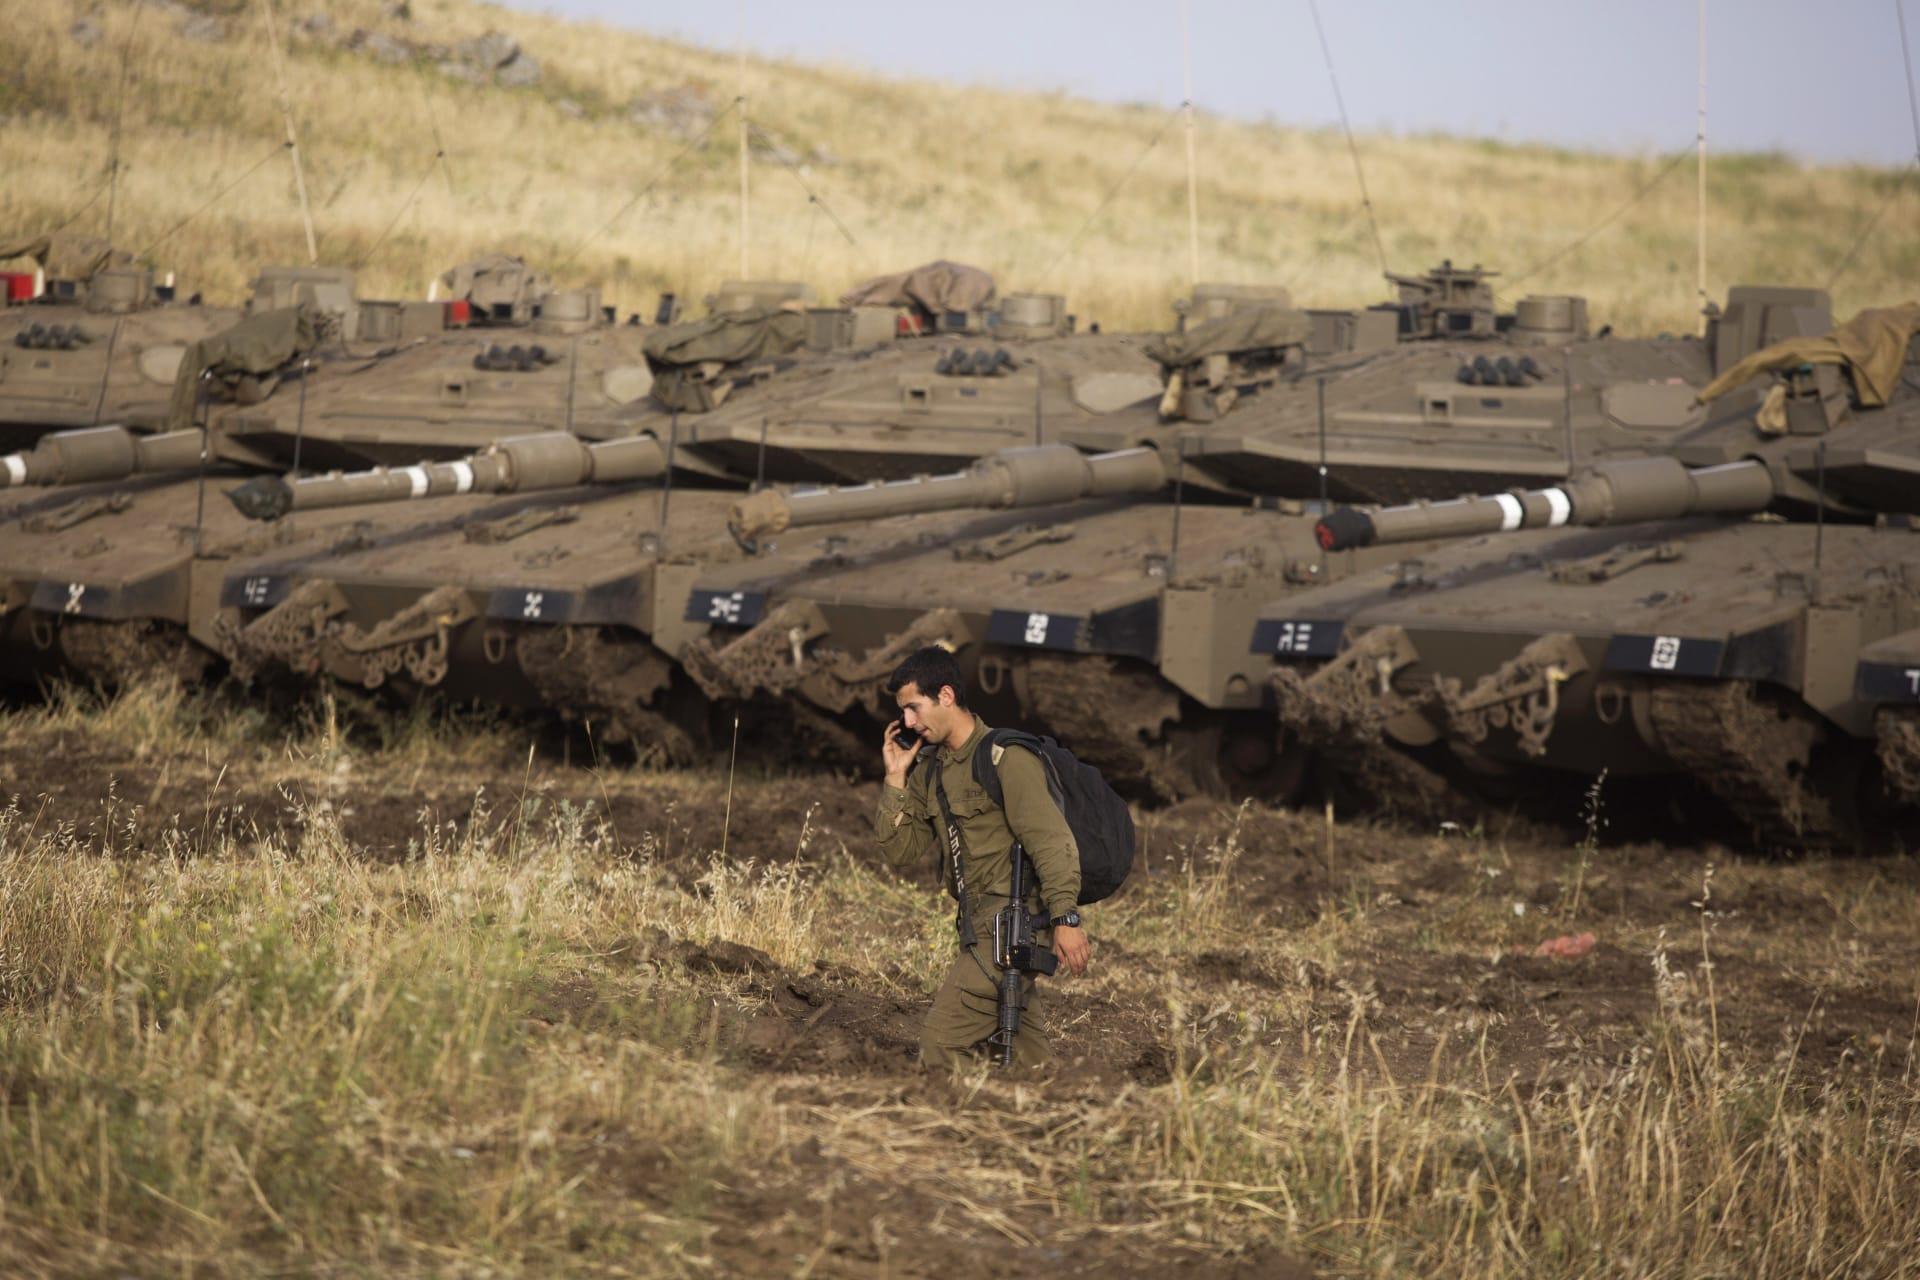 الجيش الإسرائيلي يعلن إرسال تعزيزات عسكرية إلى مرتفعات الجولان